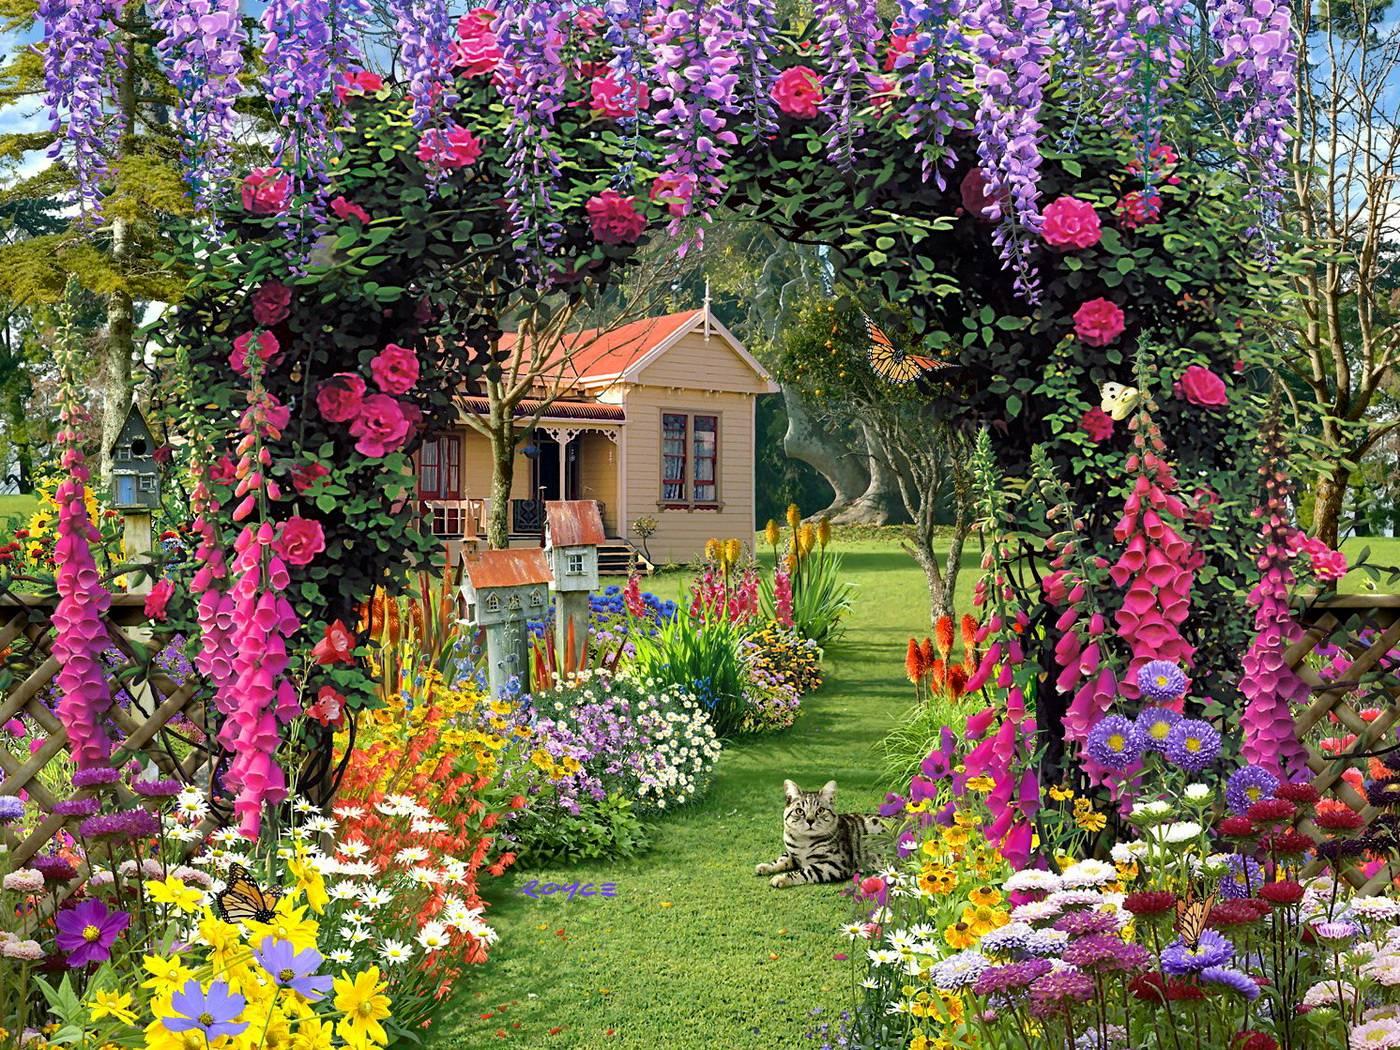 Flower garden wallpaper background -